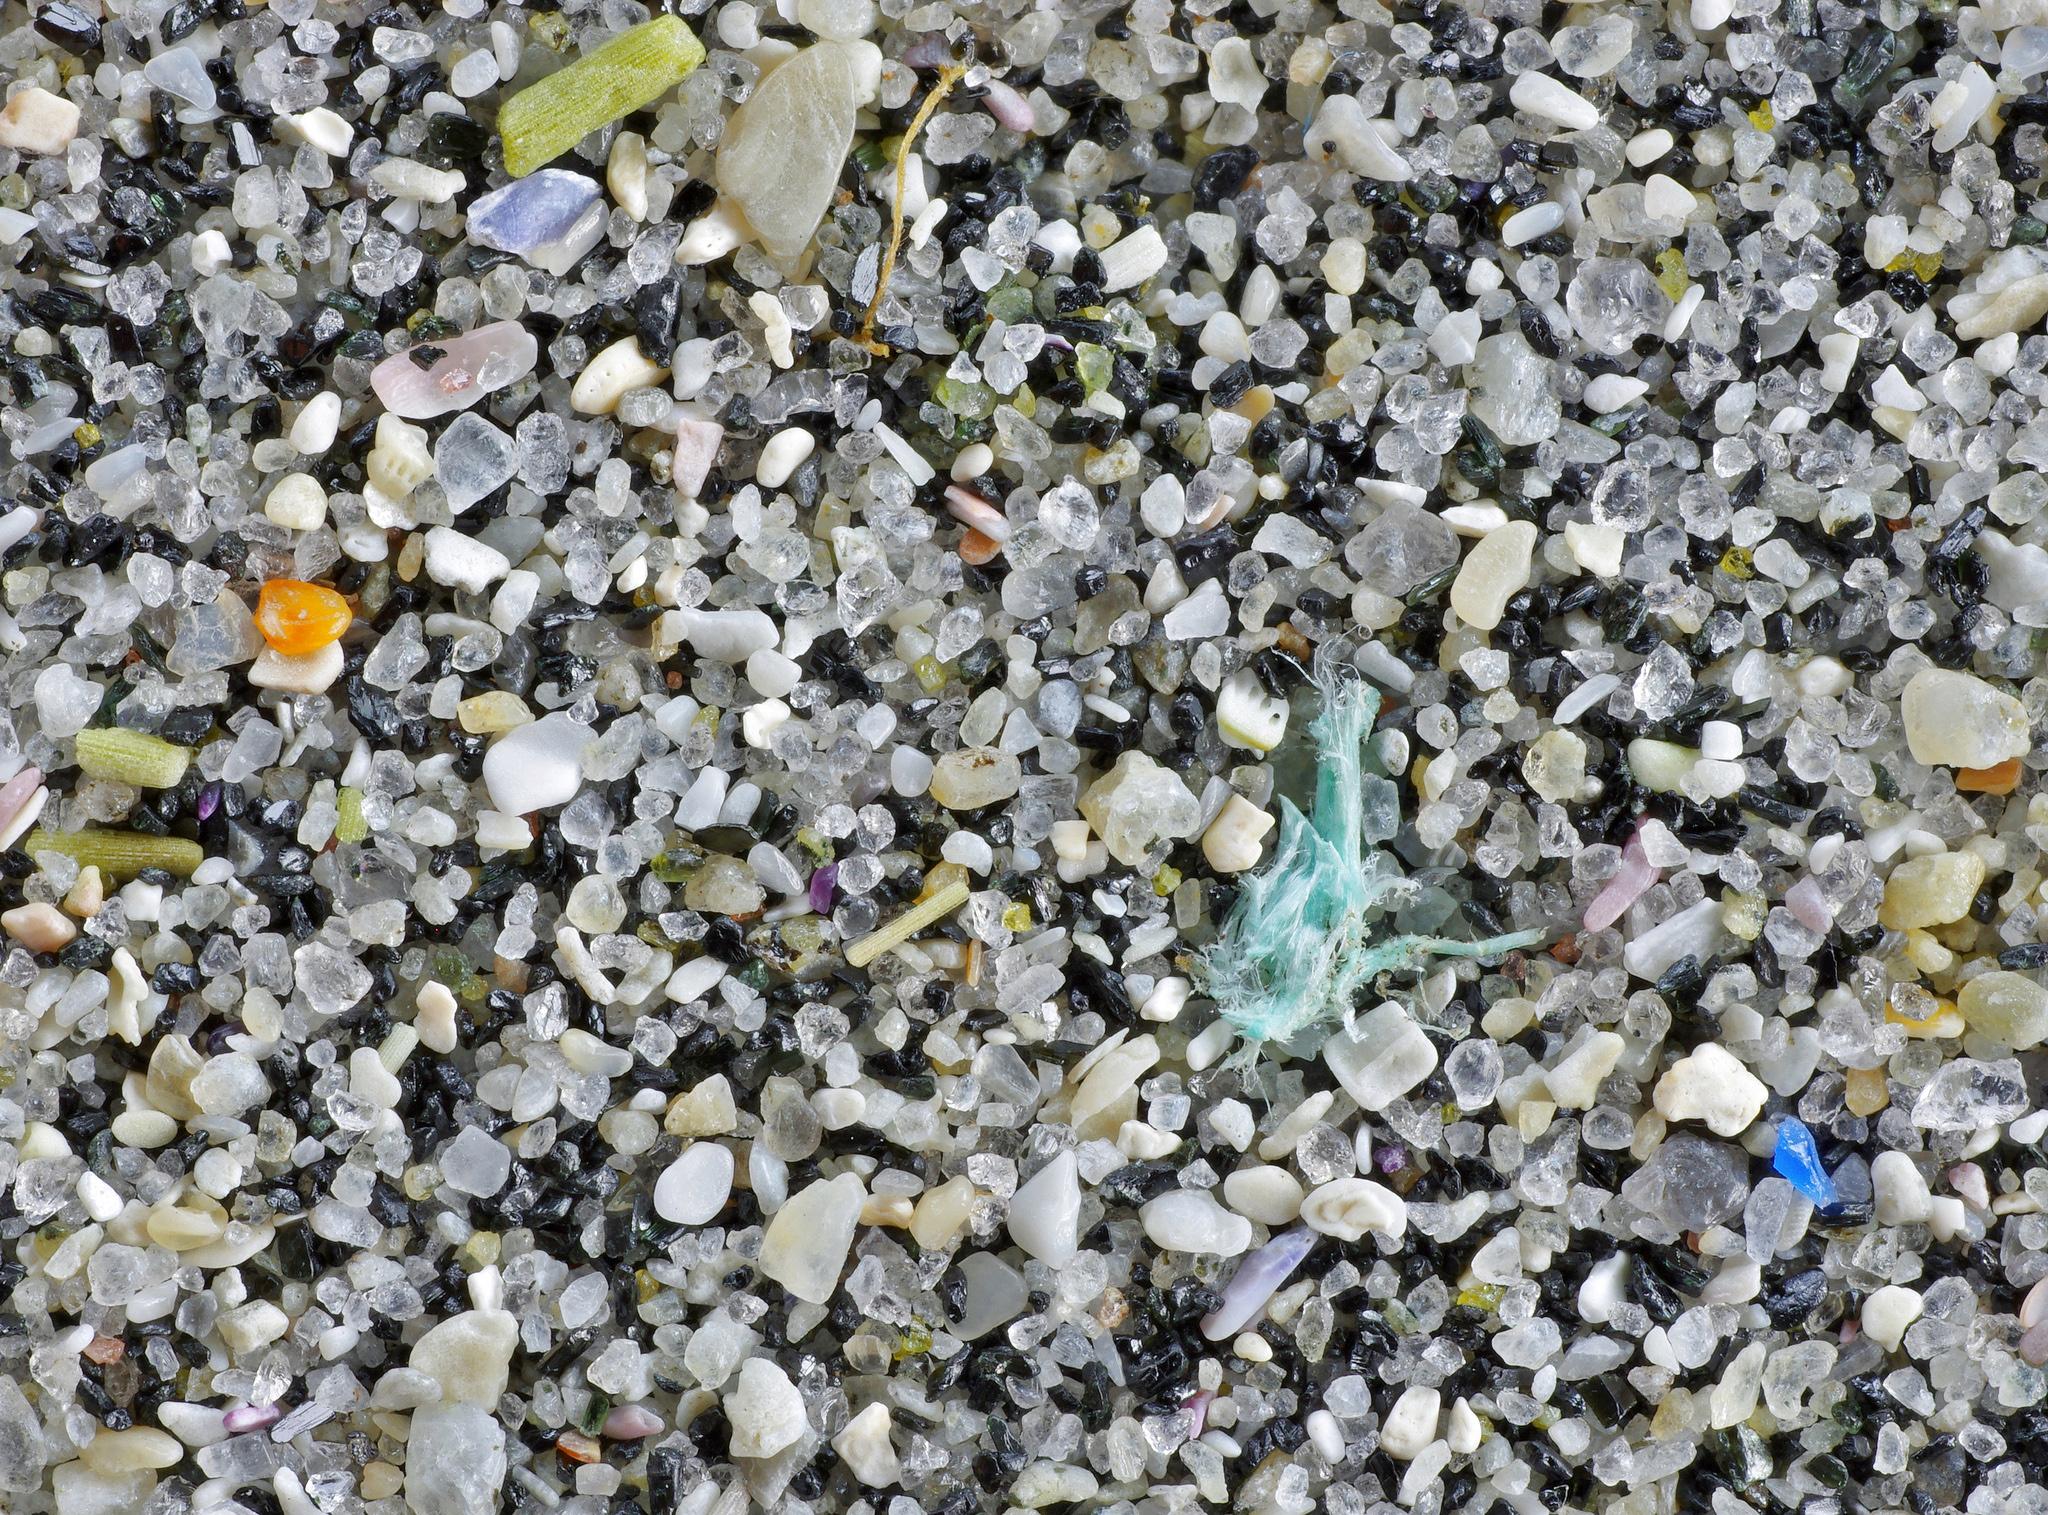 Et nærbilde av strandsand, avslører små biter av plast.